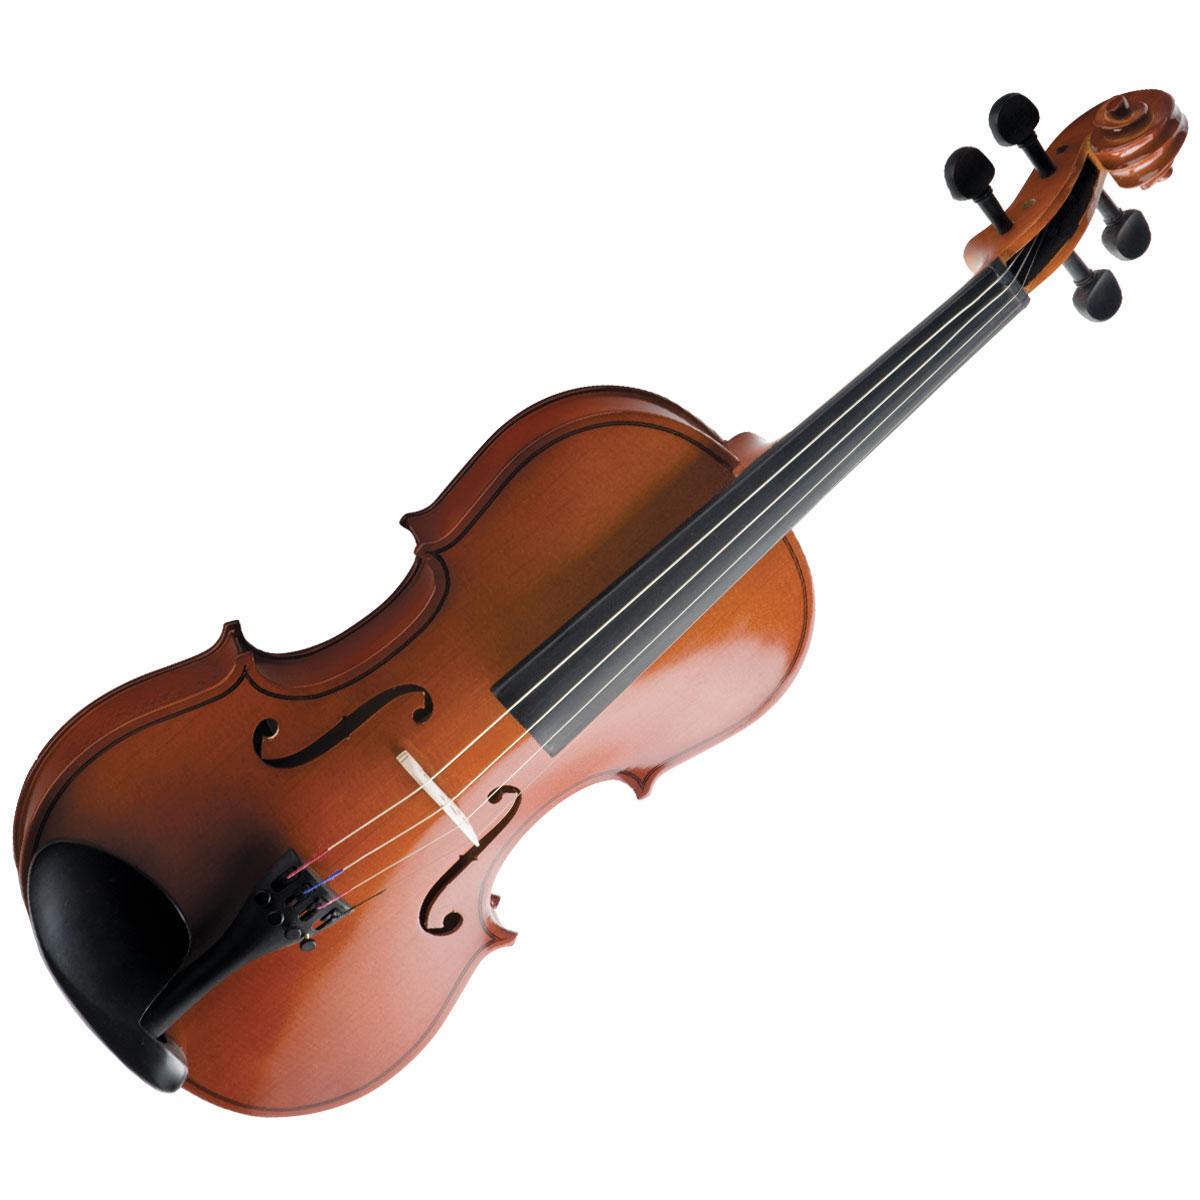 Violino 4/4 VON144 - Vogga